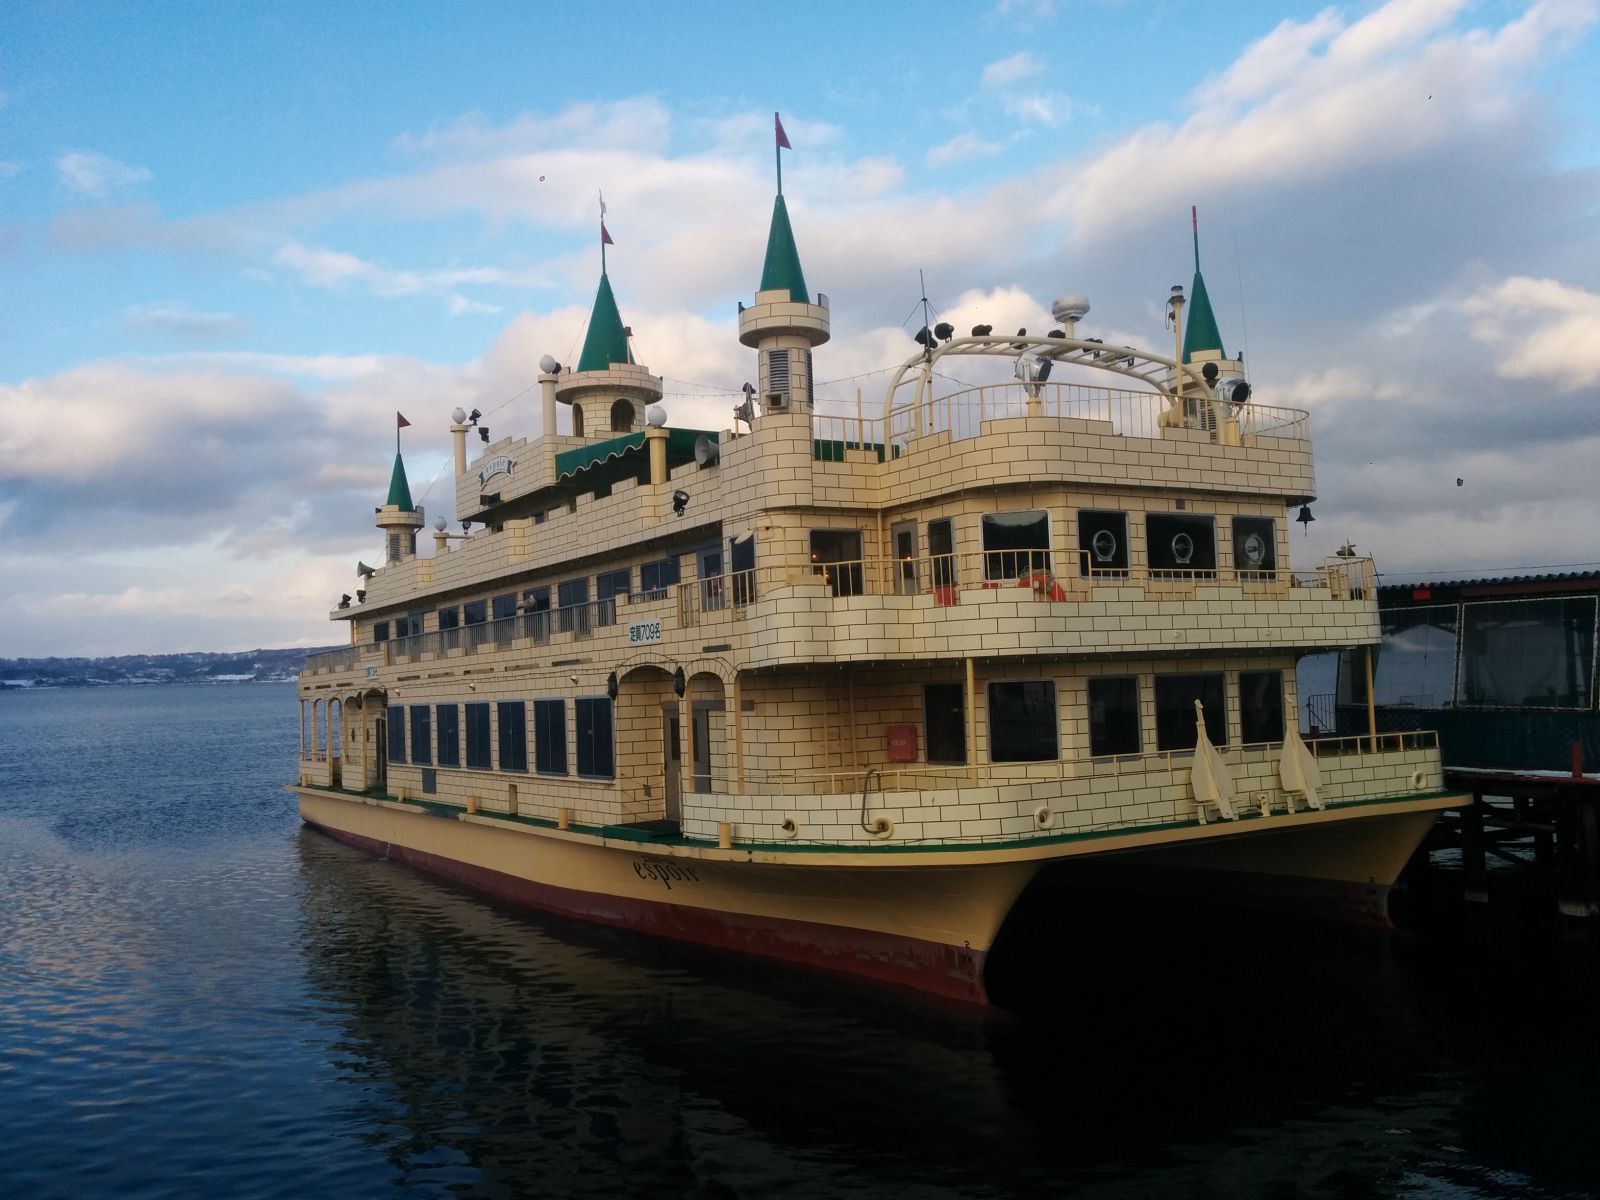 【洞爺湖観光タクシー】洞爺湖遊覧船観光案内です。